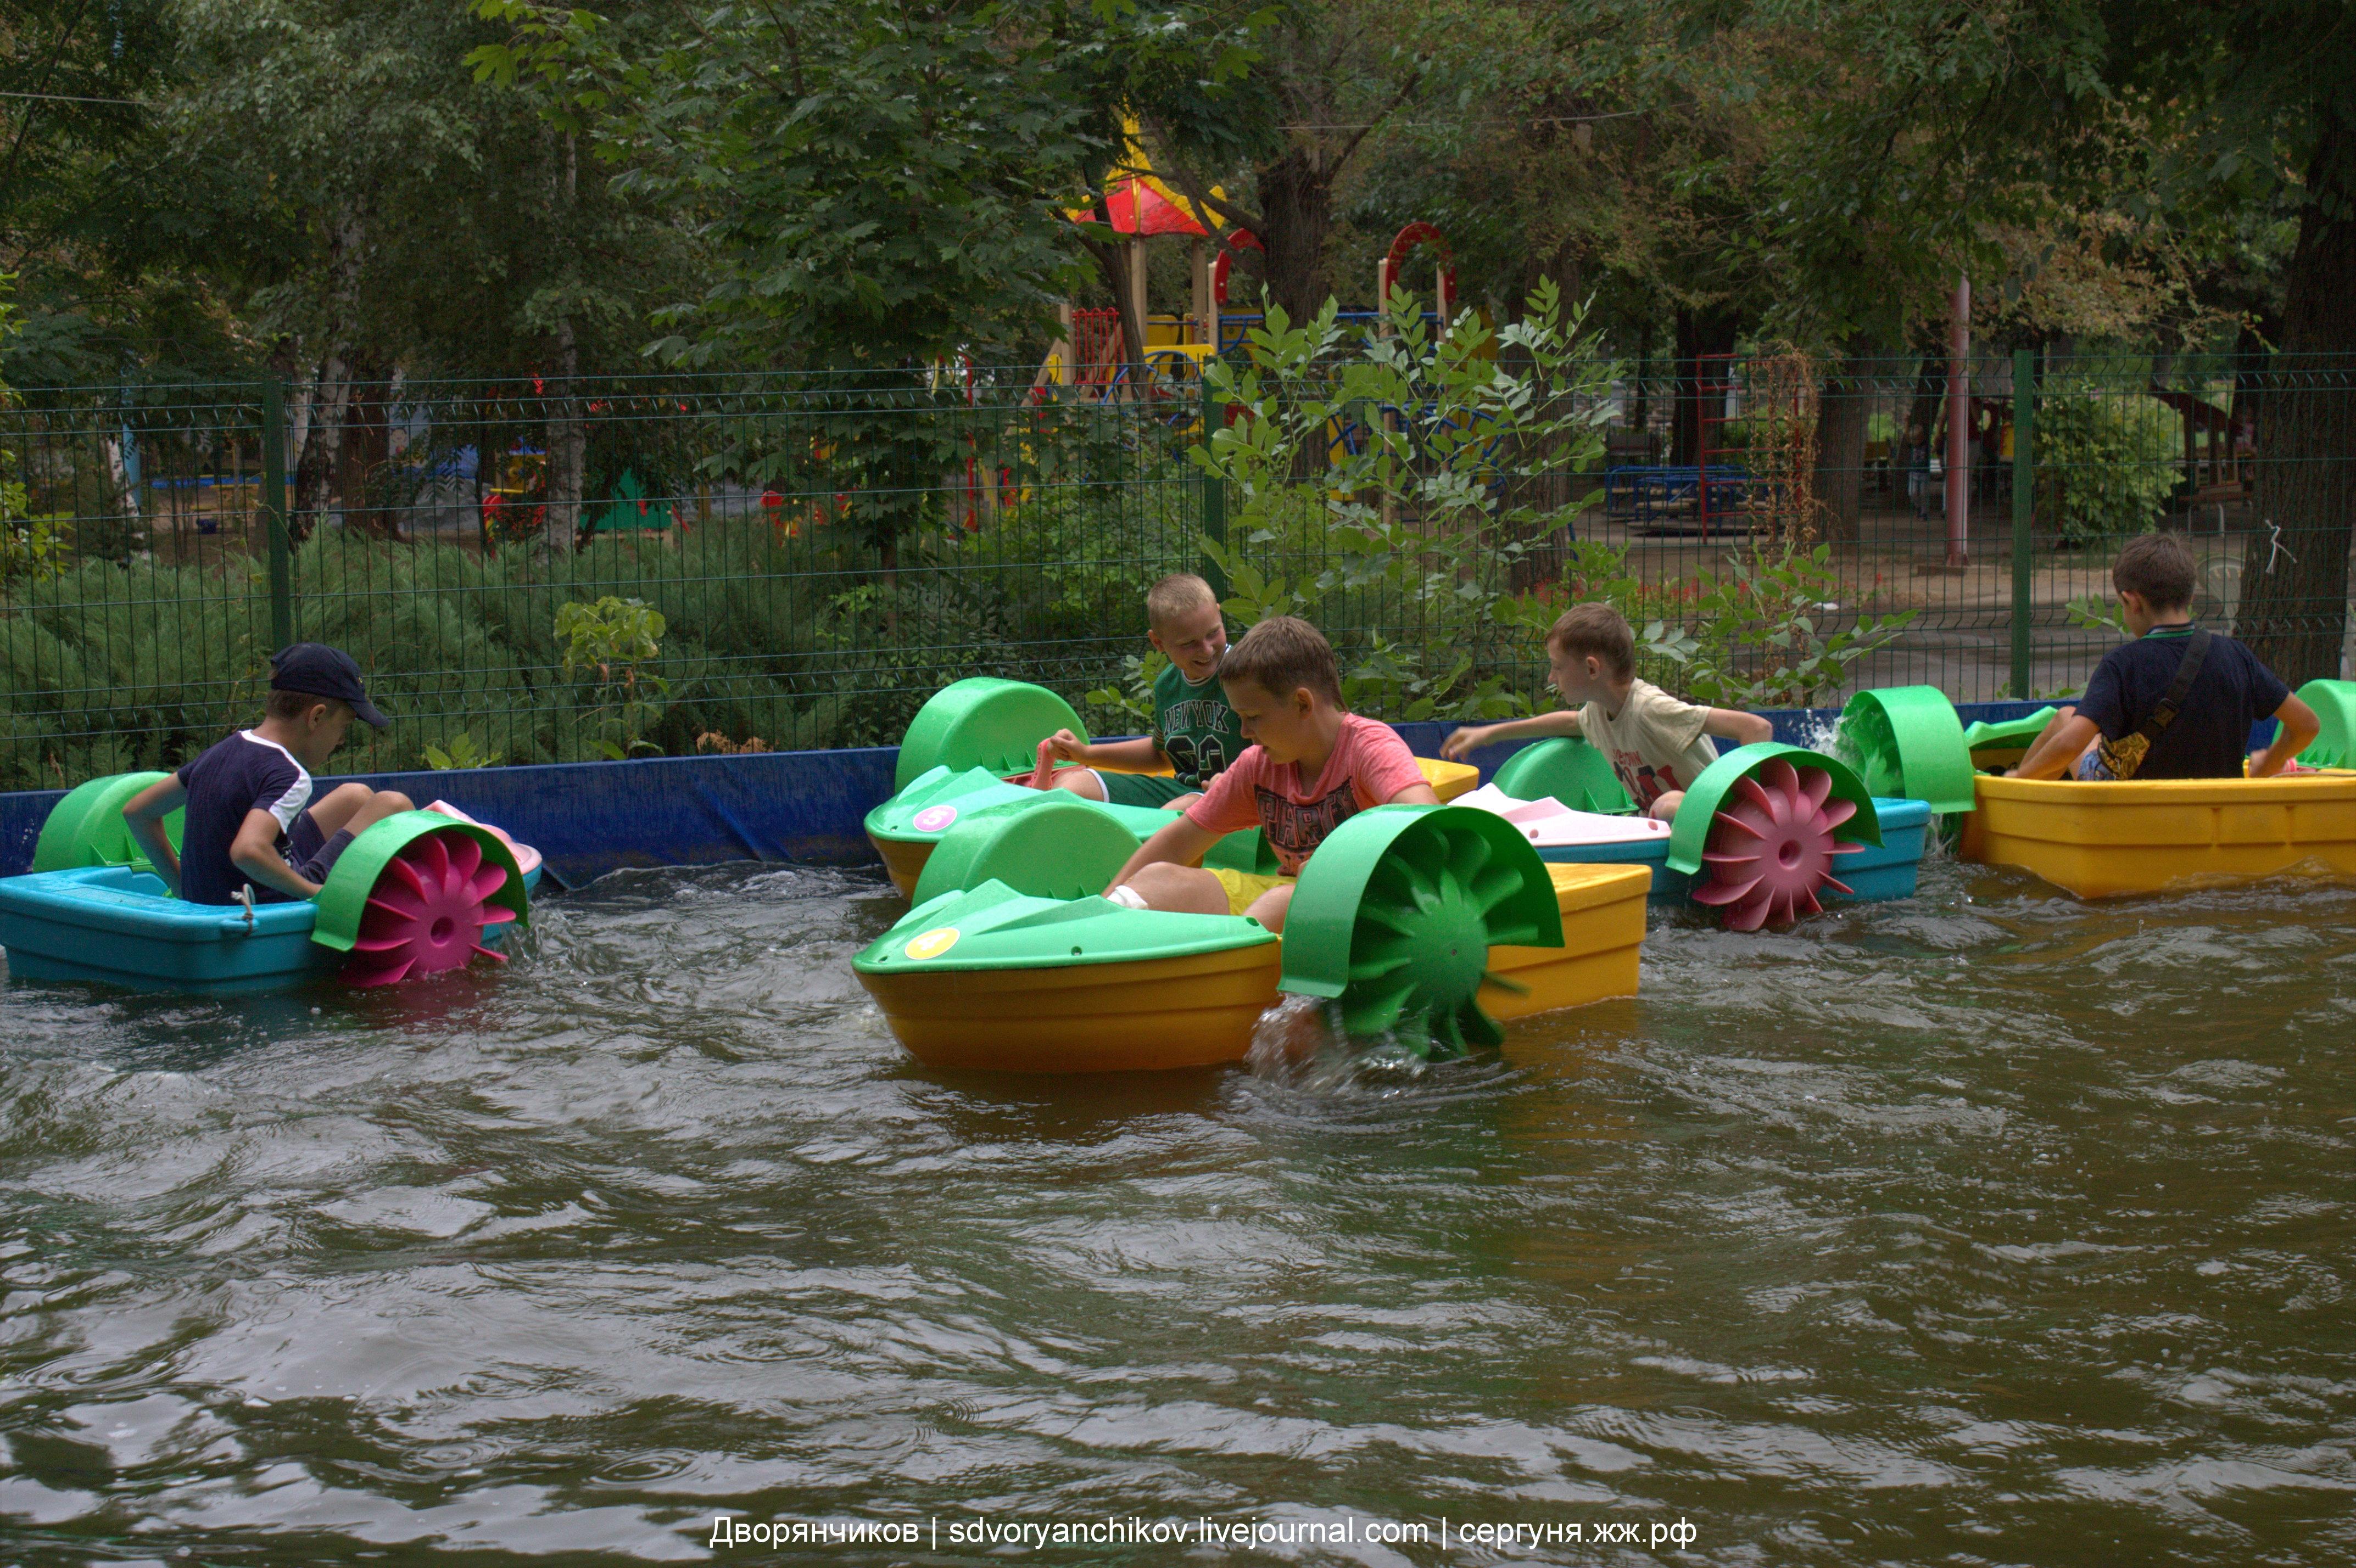 Юные морские волки на лодочках в парке ВГС - Волжский 17 августа 2016